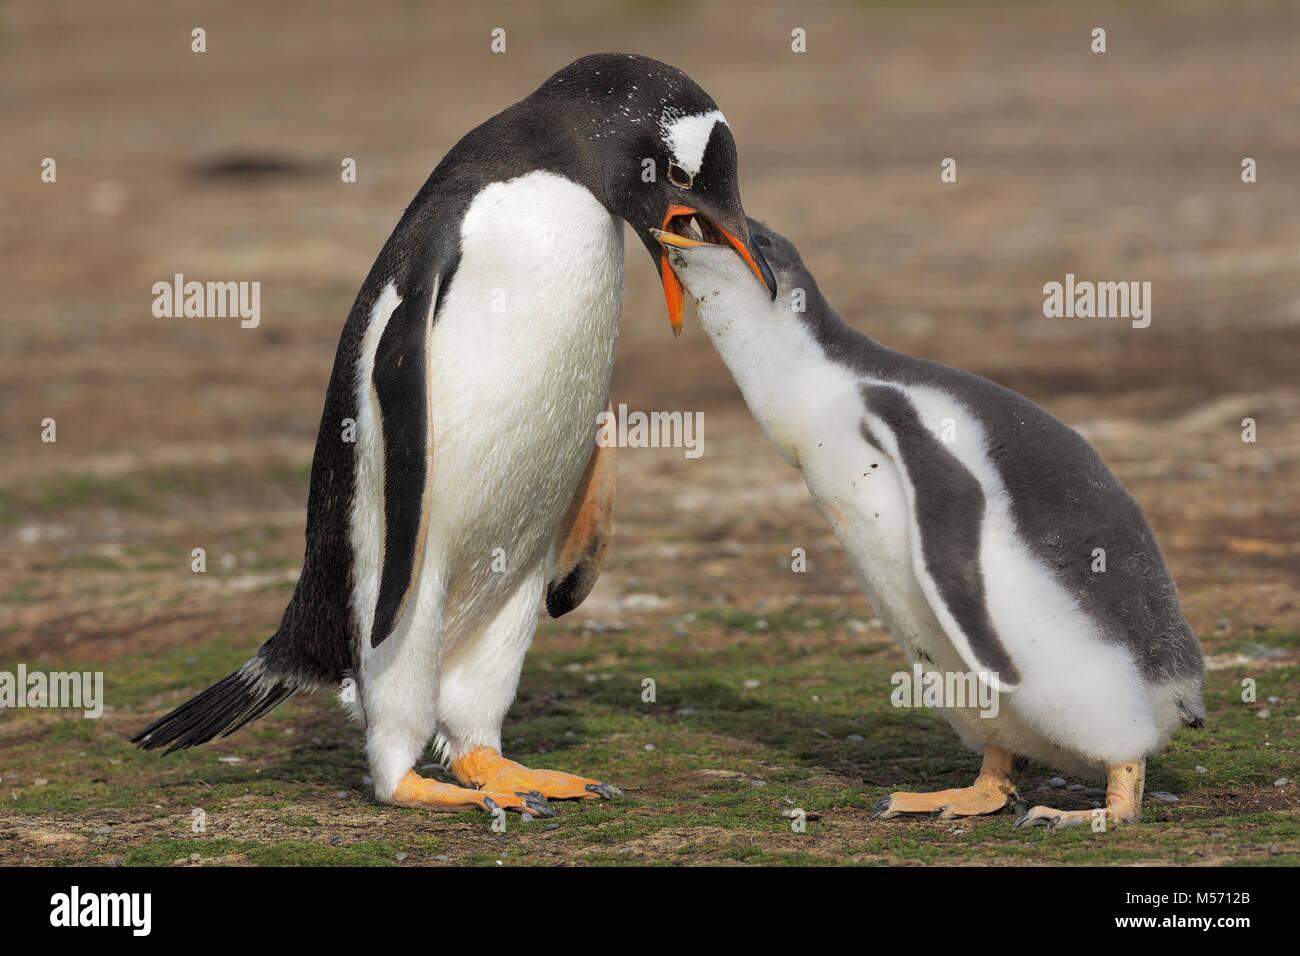 Gentoo Penguin colony - Stock Image